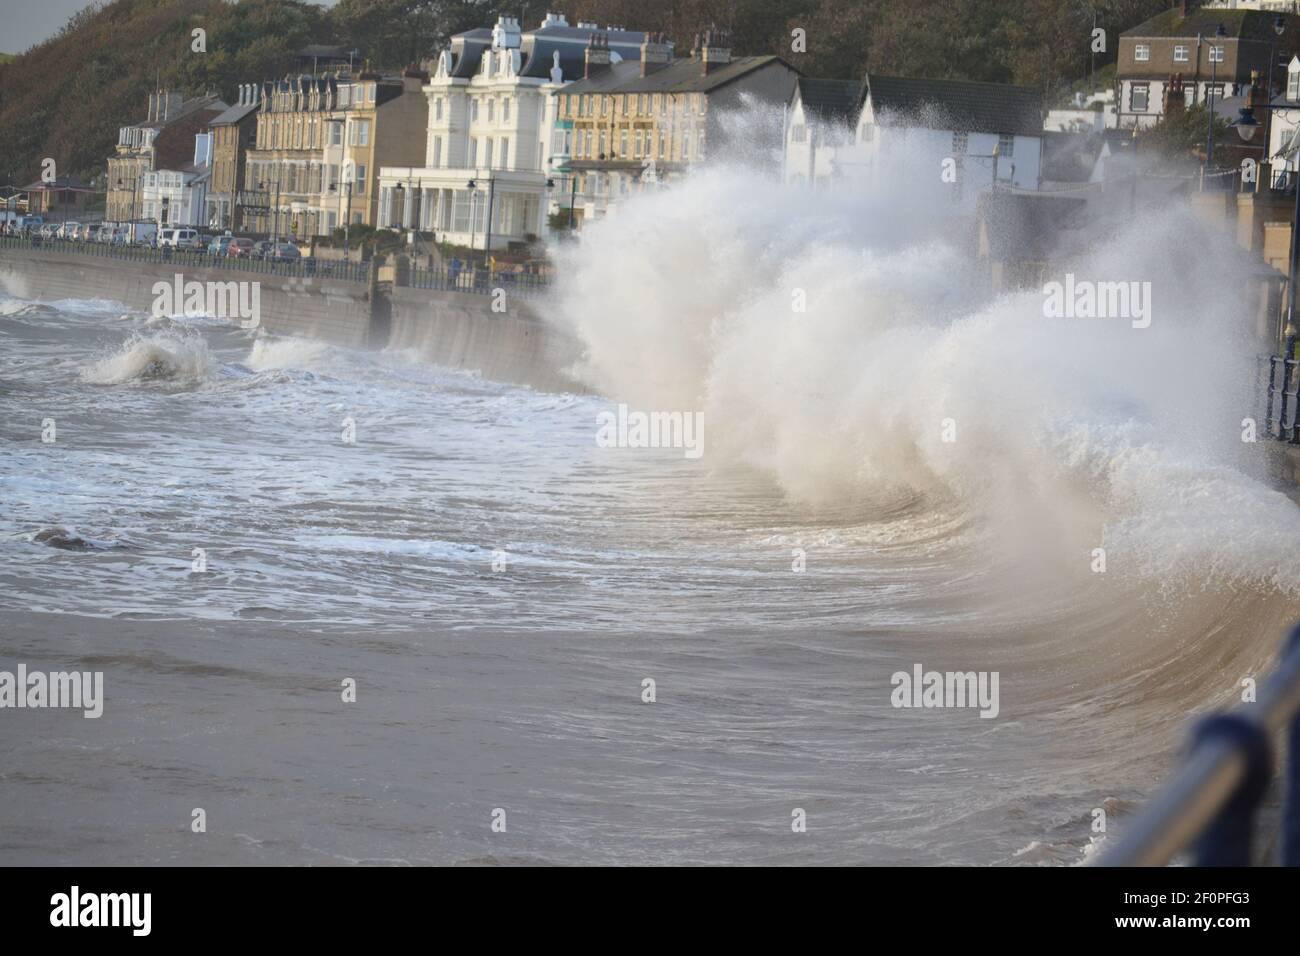 Tempesta Mare del Nord - onde che si infrangono nel muro di mare - acqua bianca - acqua potente - Mare pericoloso - cambiamento climatico - Meteo - Filey Bay - Yorkshire UK Foto Stock